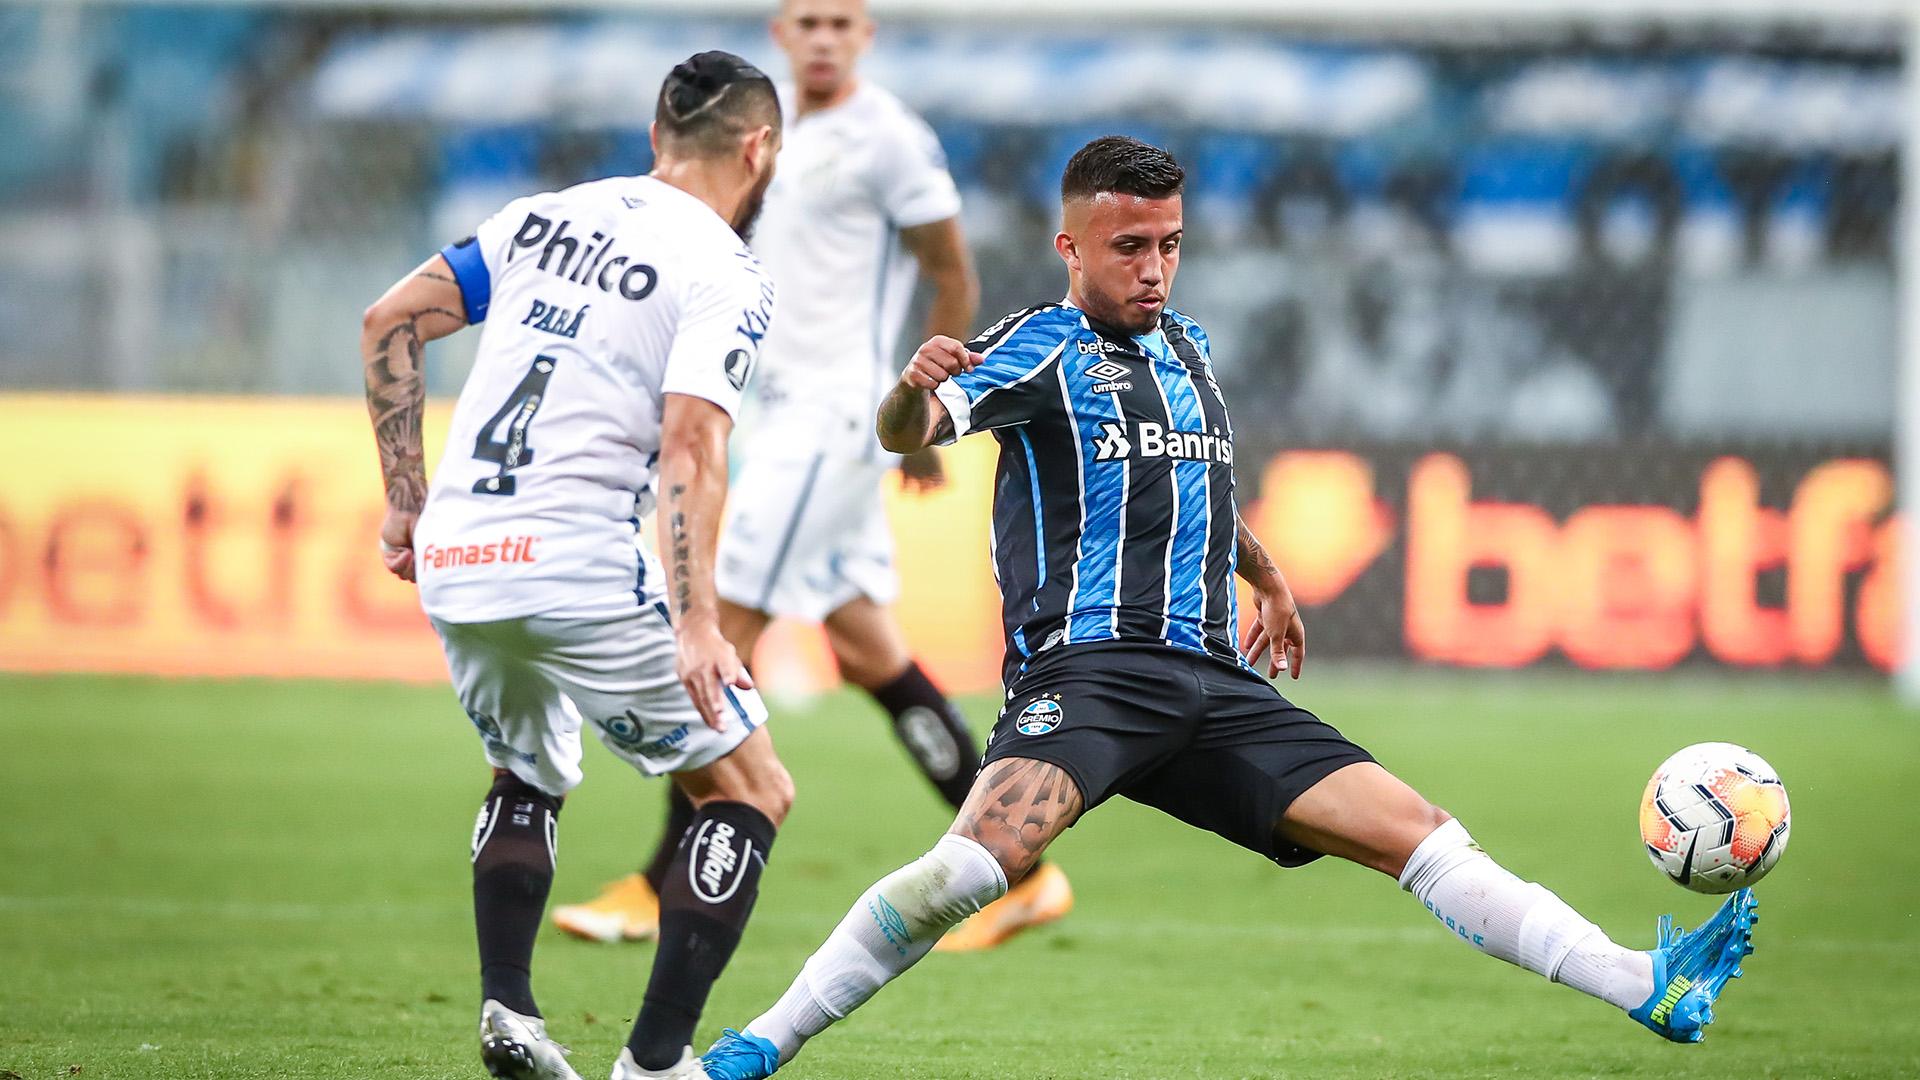 Grêmio 1 x 1 Santos: Peixe cede empate ao Tricolor gaúcho no fim e deixa  decisão para o jogo de volta | Goal.com